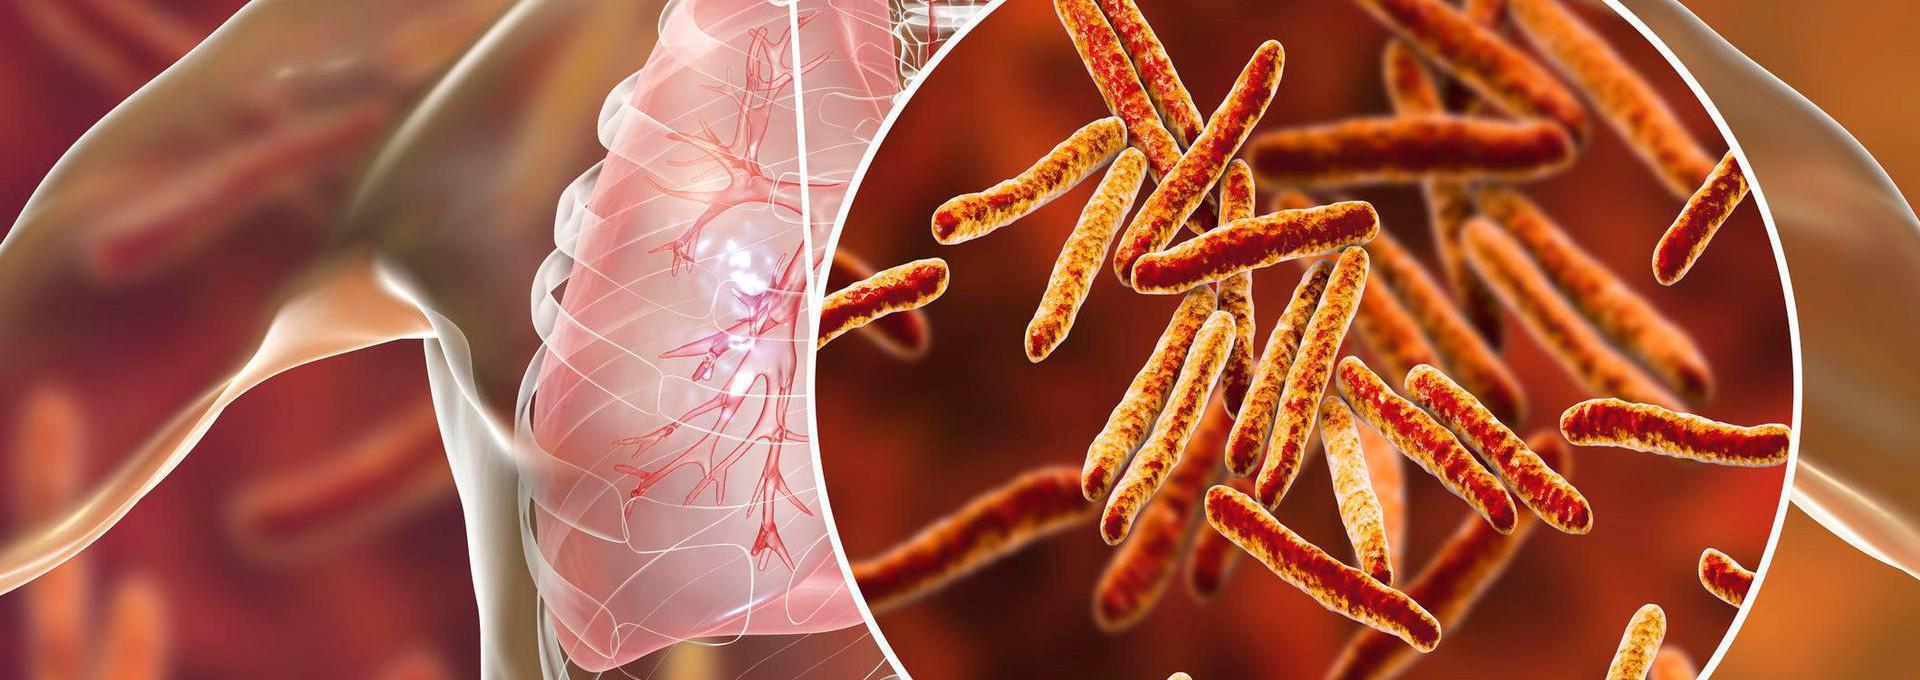 Tuberculosis Testing - info-hero